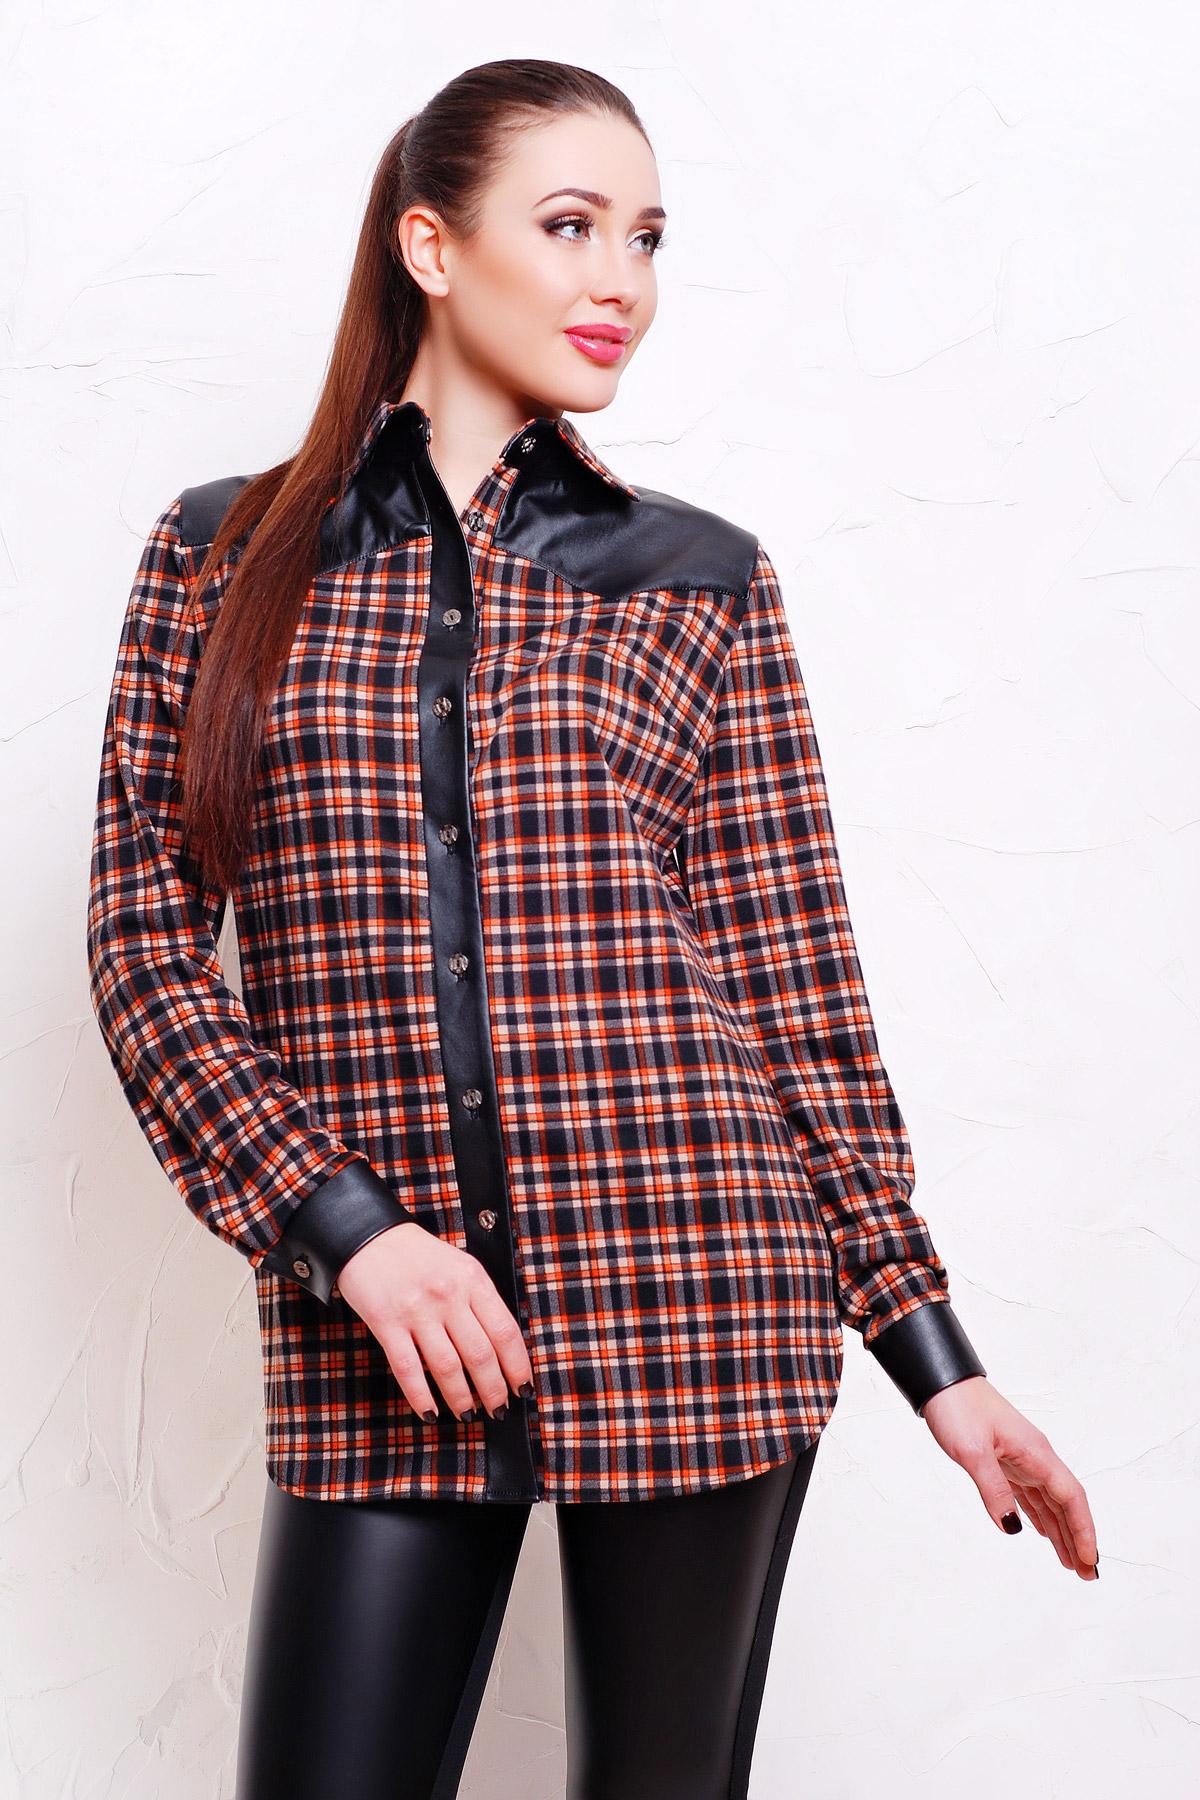 79636bd95f8 женская клетчатая рубашка с кожаными вставками. рубашка Аризона д р. Цвет   черн